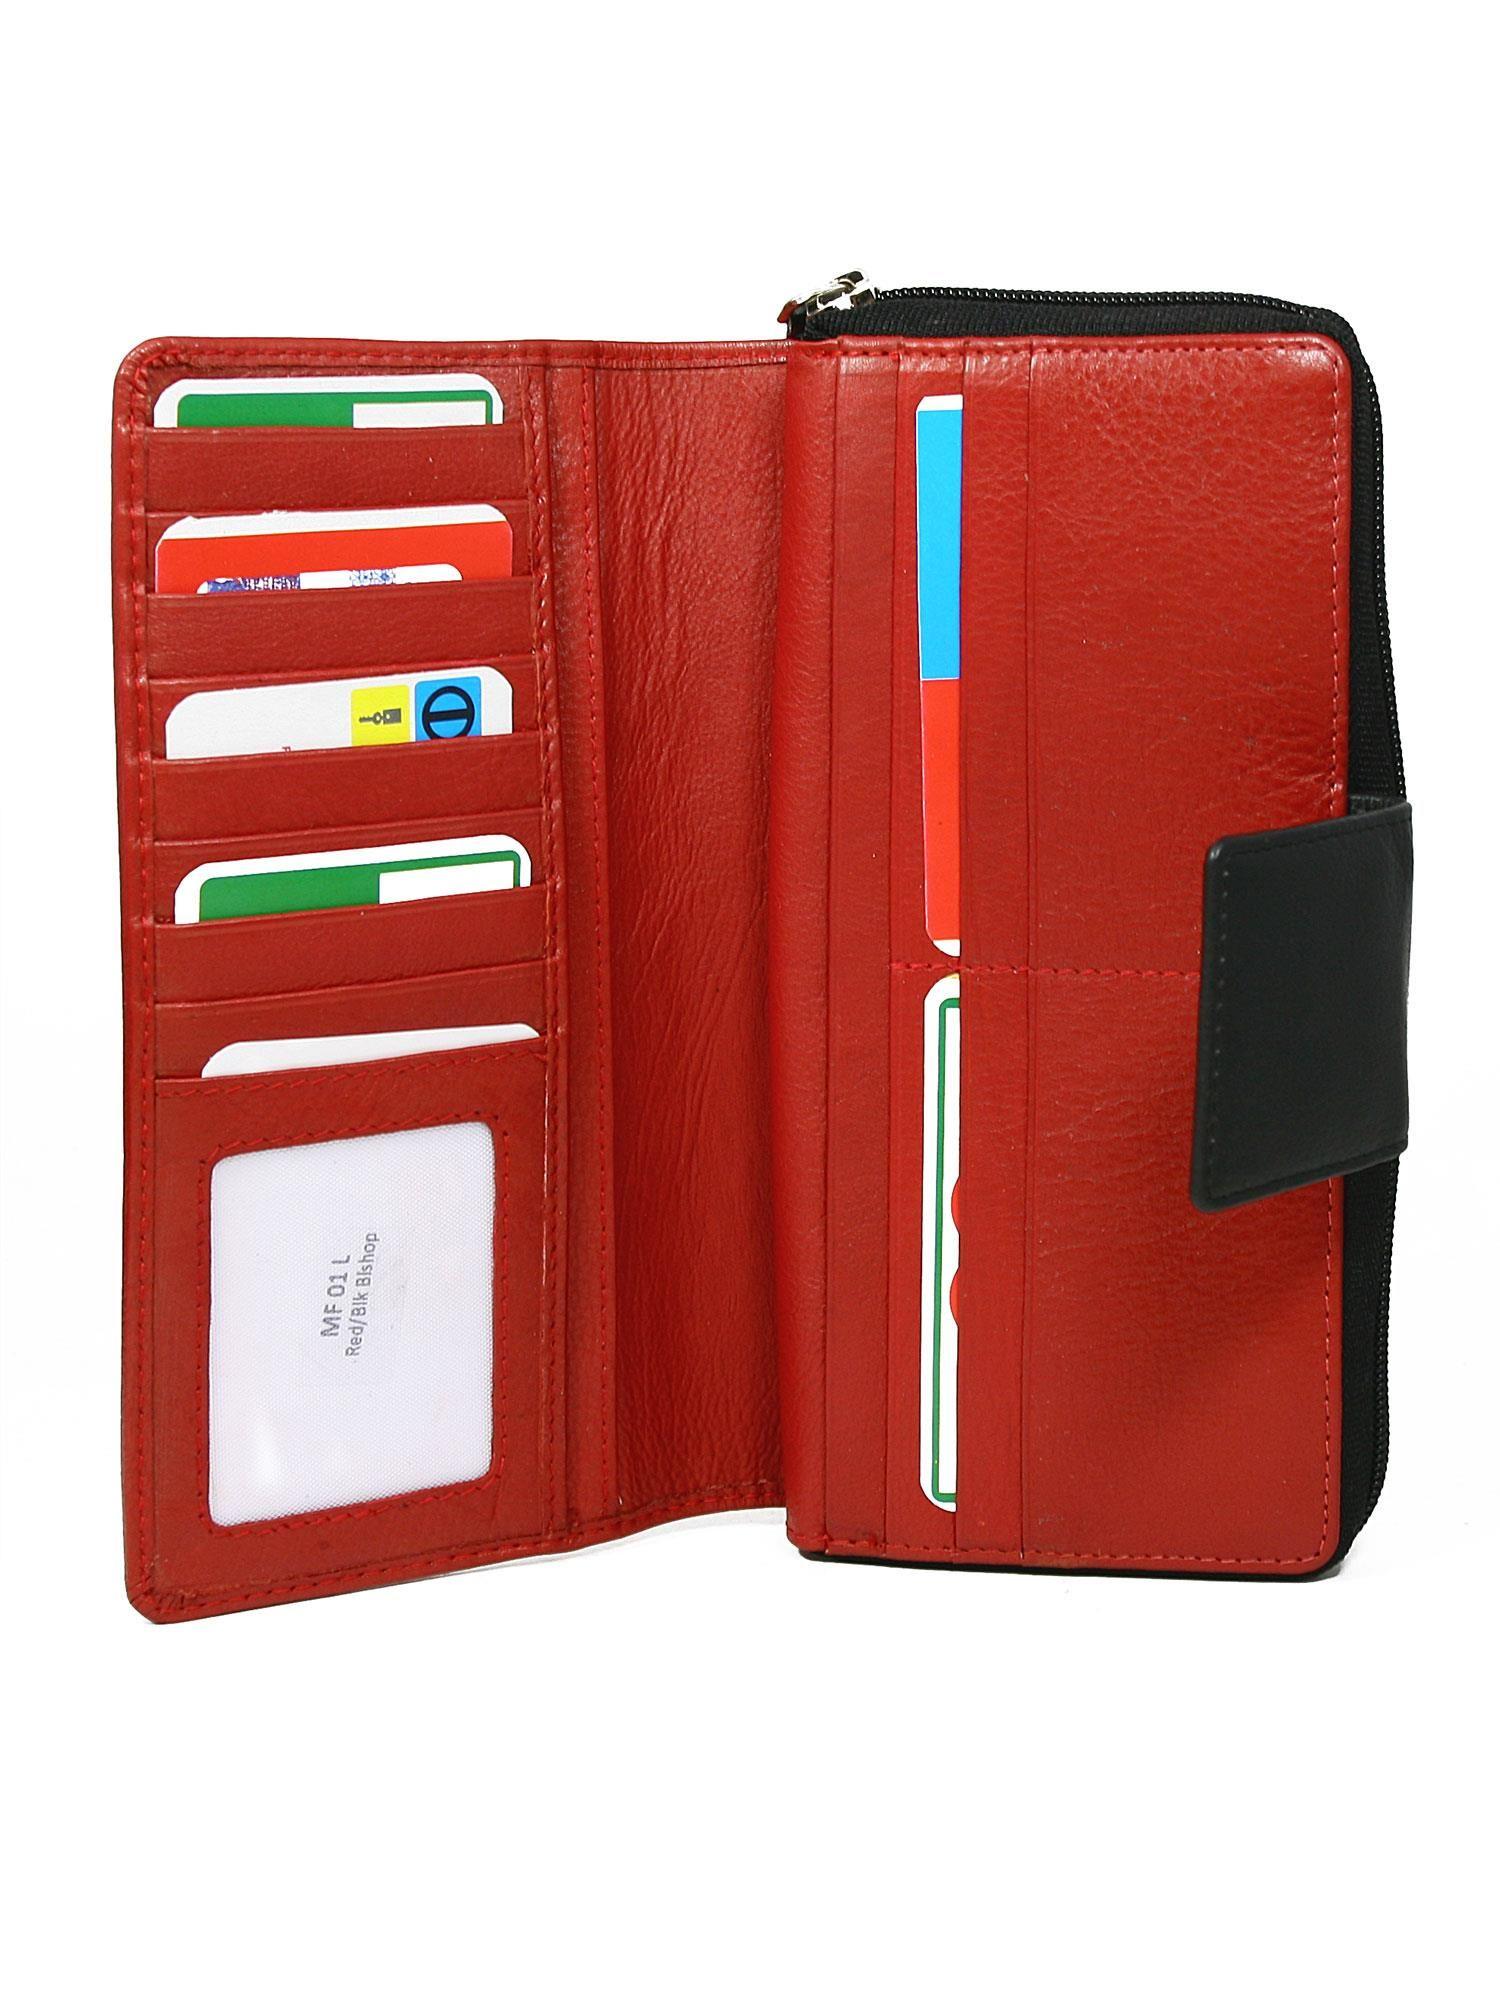 ae3589a15c82c Czerwony duży portfel skórzany z czarnym wykończeniem - Akcesoria ...